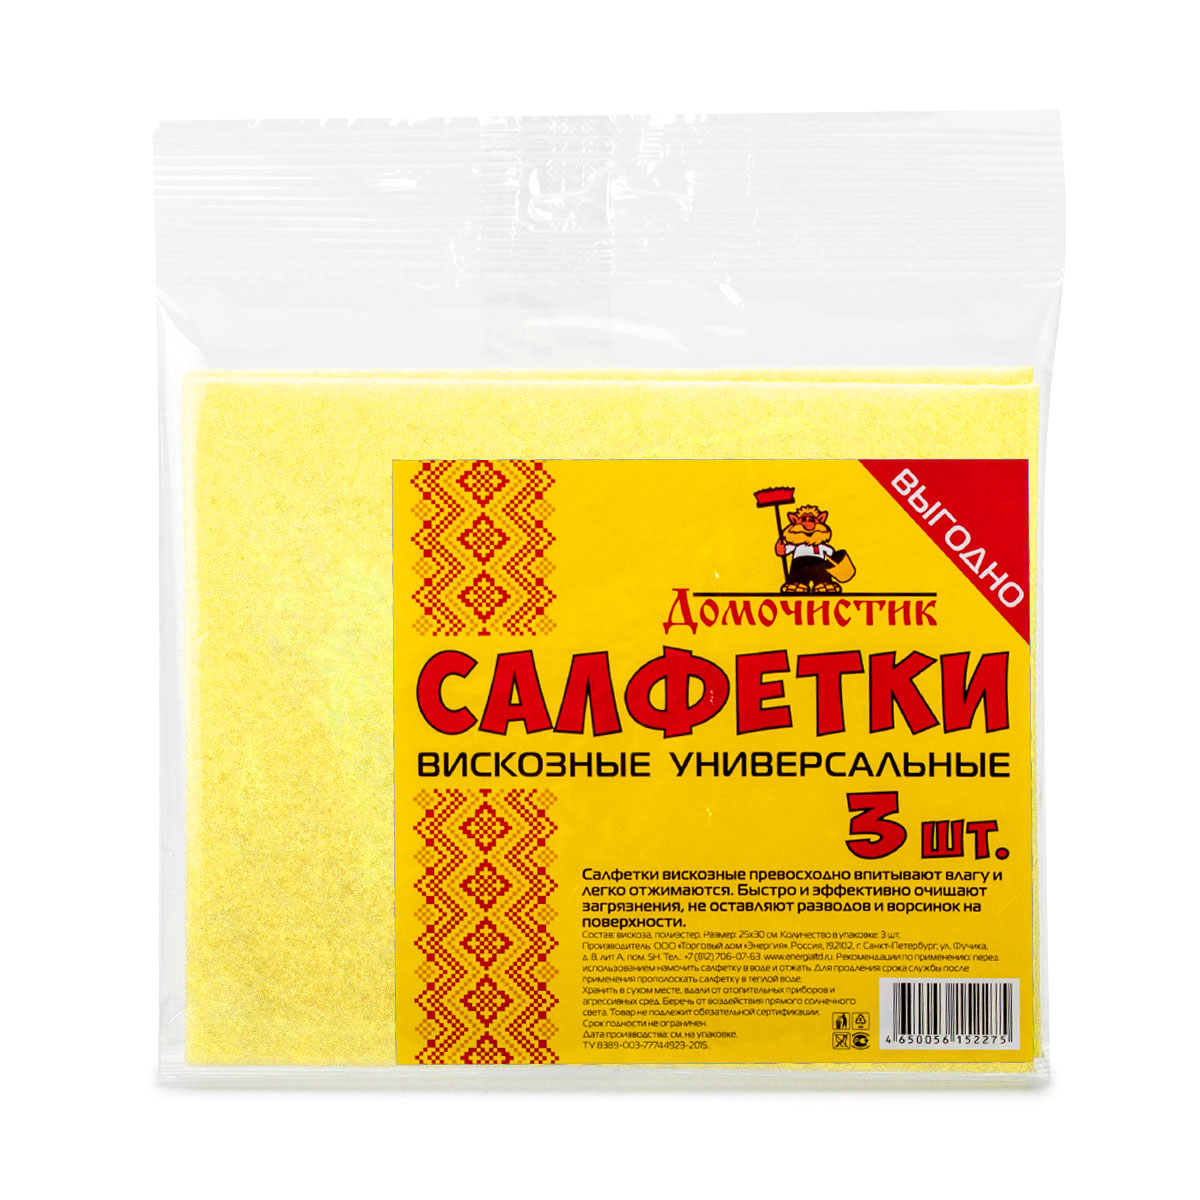 Салфетка для уборки Домочистик из вискозы, универсальная, цвет: желтый, 25 x 30 см, 3 штDAVC150Салфетки для уборки Домочистик, выполненные из вискозы и полиэстера, превосходно впитывают влагу и легко отжимаются. Они быстро и эффективно очищают загрязнения, не оставляют разводов и ворсинок на поверхности.В комплекте 3 салфетки.